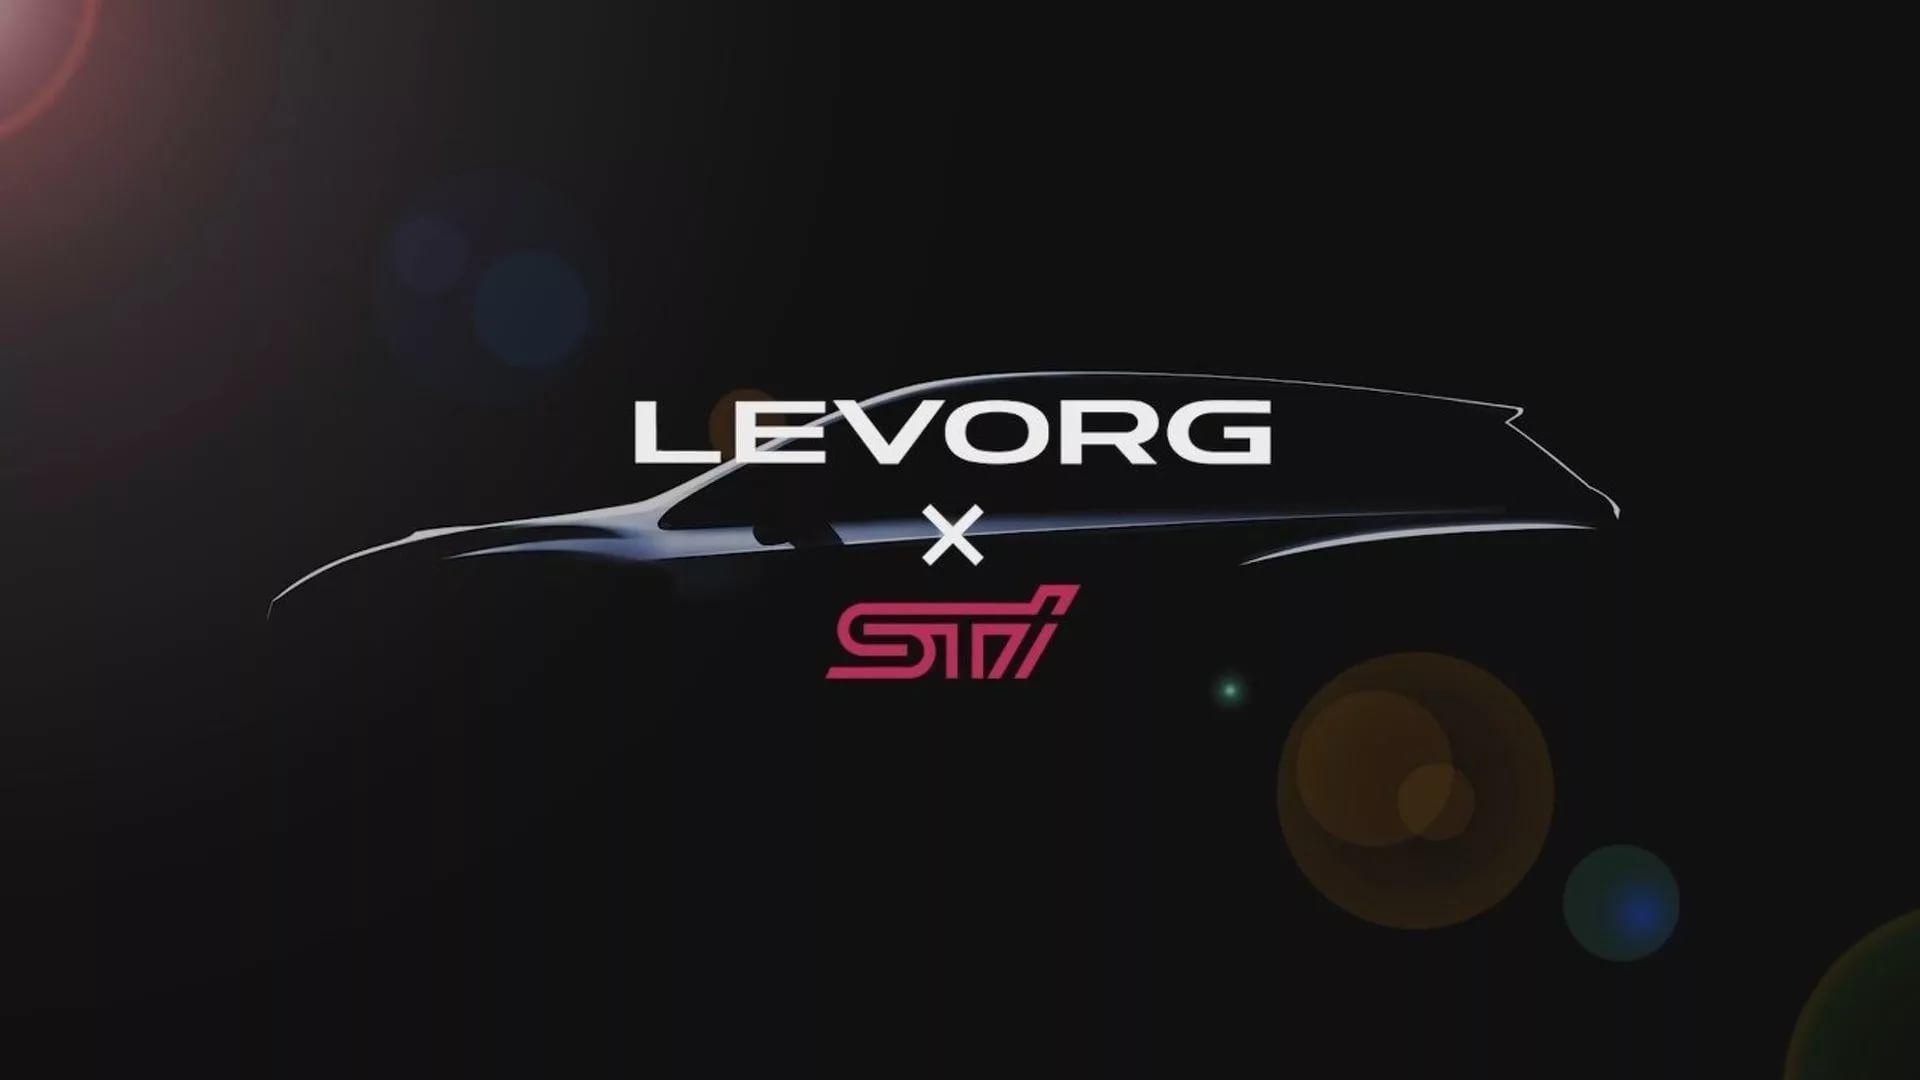 Sti Logo hd wallpaper